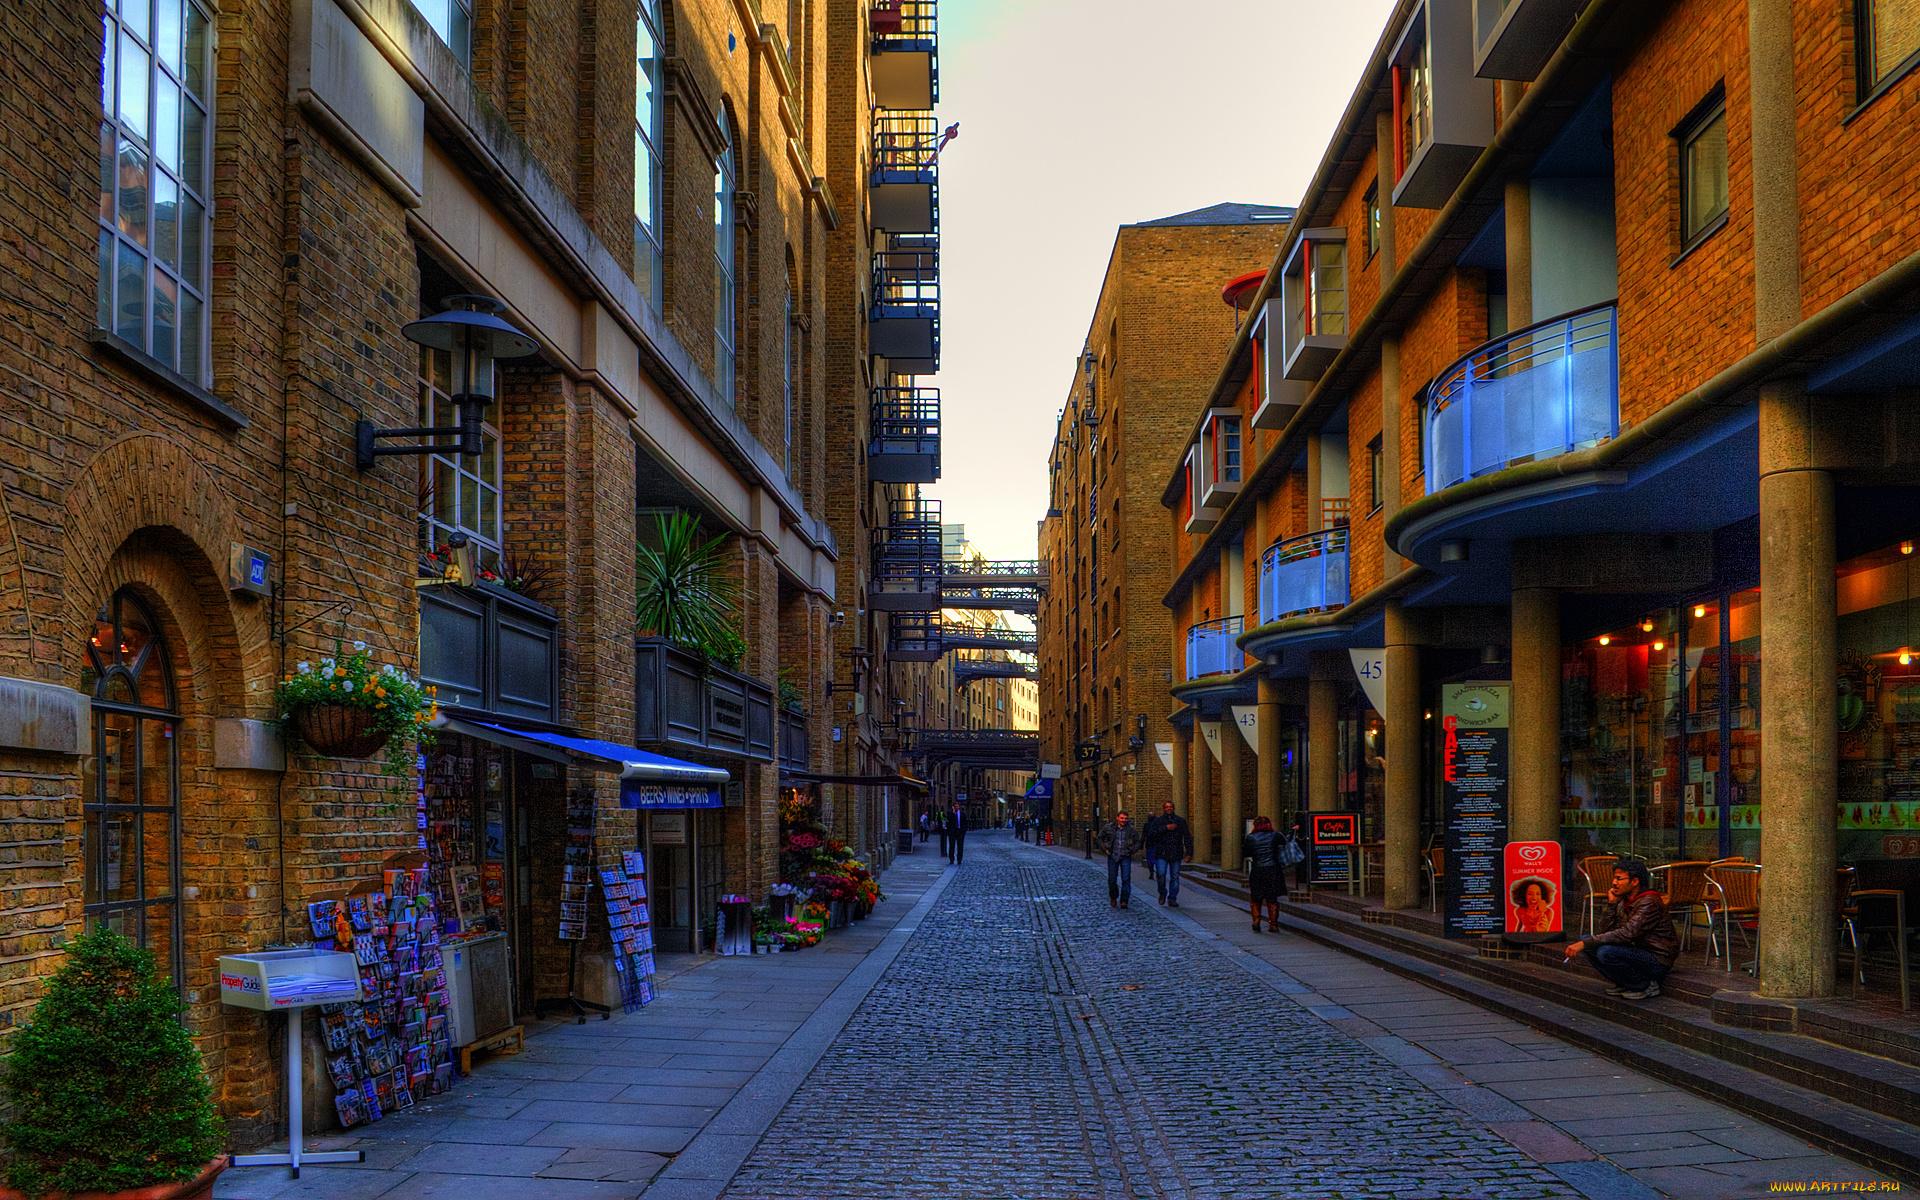 купить себе широкоформатное фото городских улиц как говорят